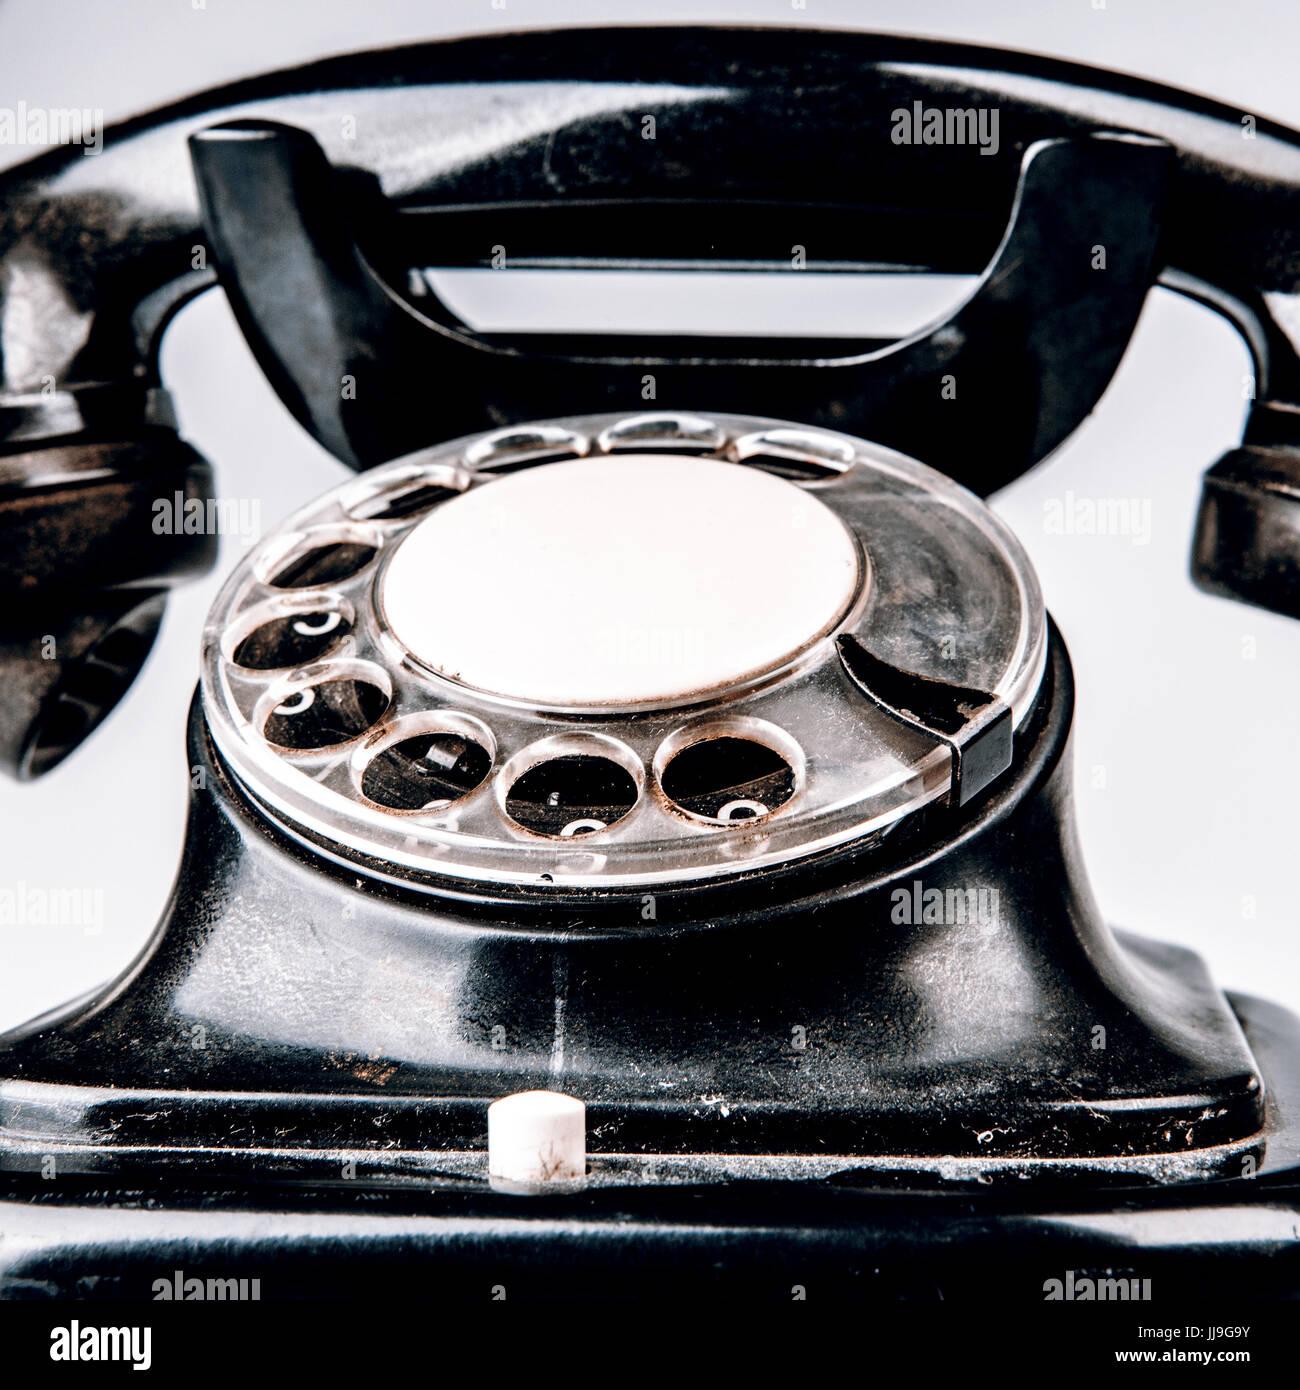 Vecchio Telefono Nero Con Polvere E Graffi Isolati Su Sfondo Bianco